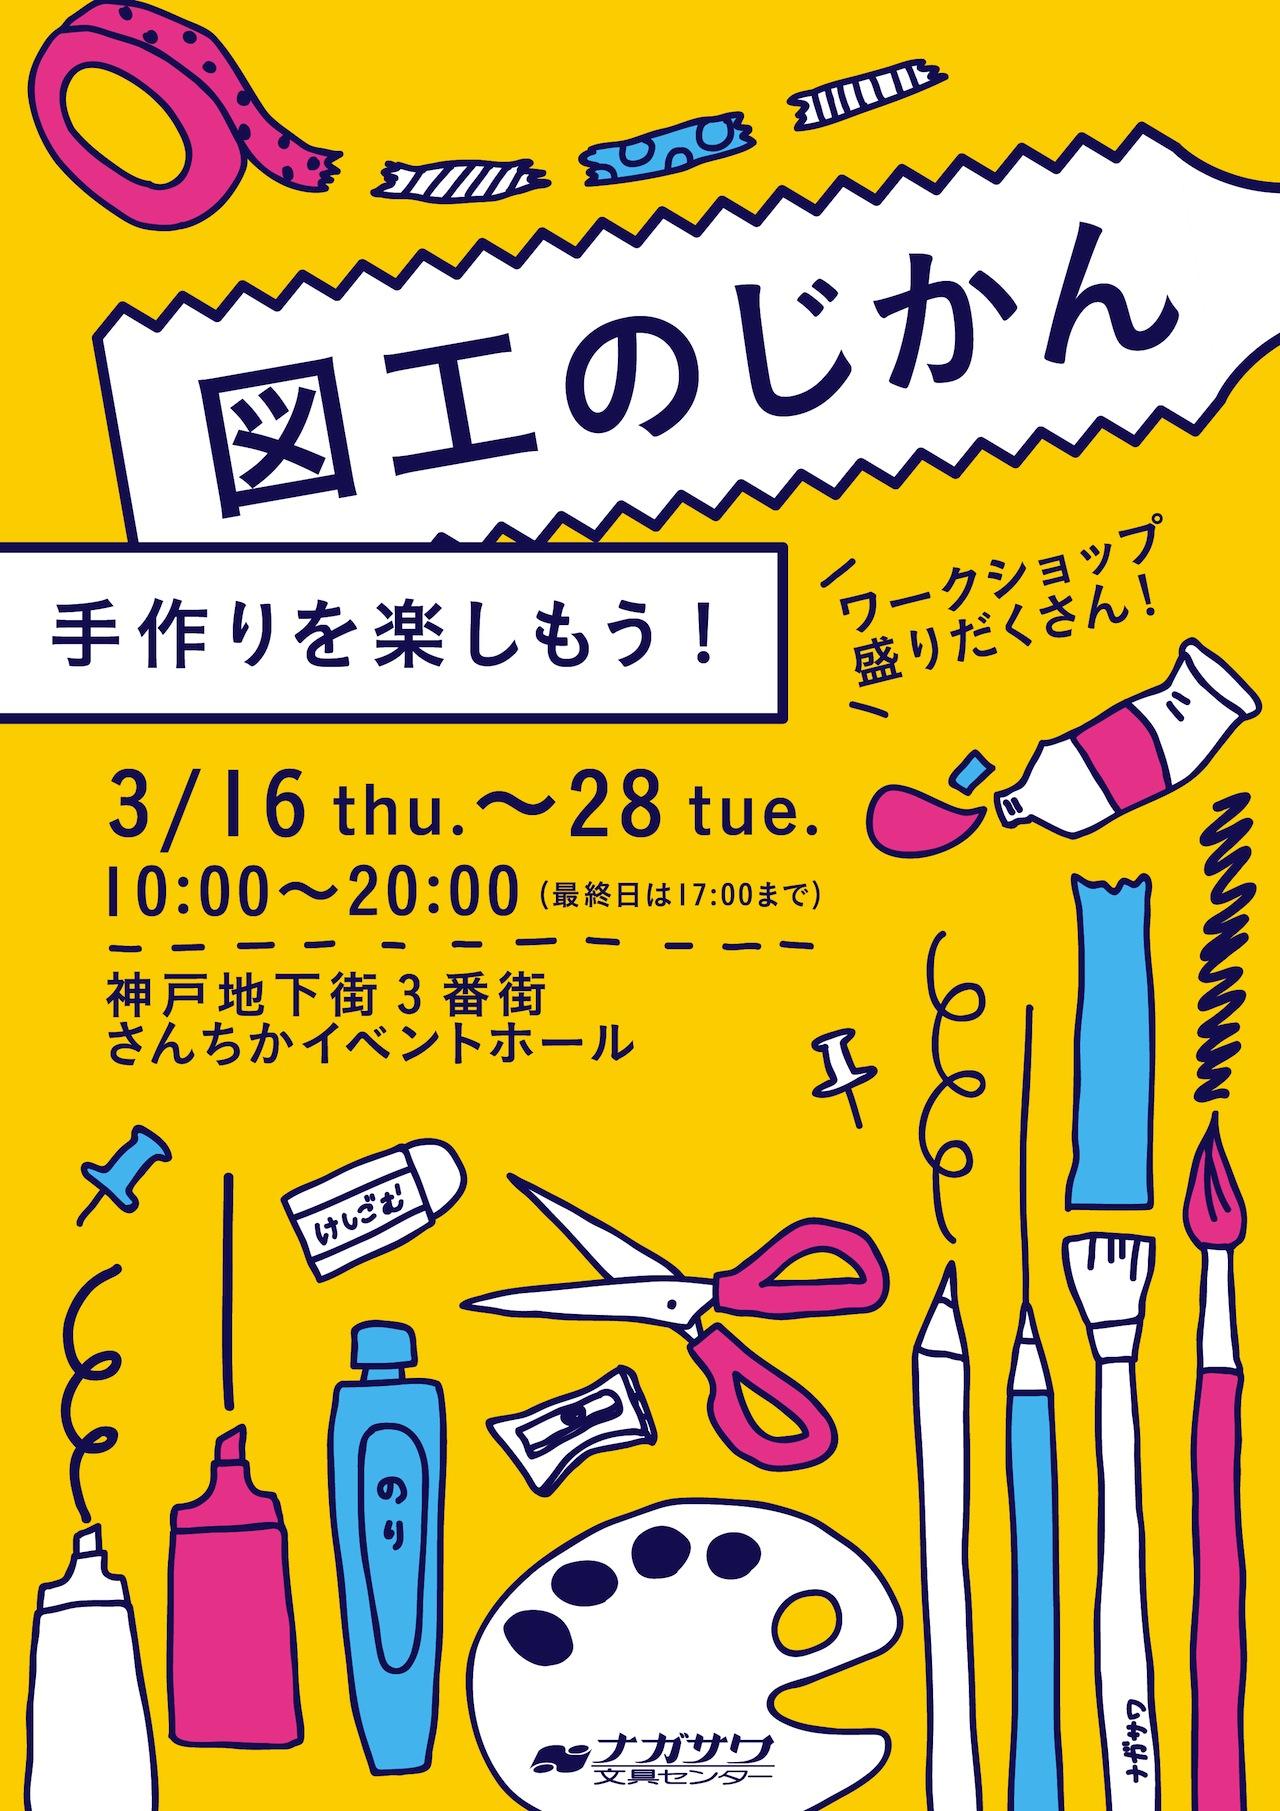 【神戸三宮さんちかホール】「図工のじかん」でぷんぷく堂の文具を!